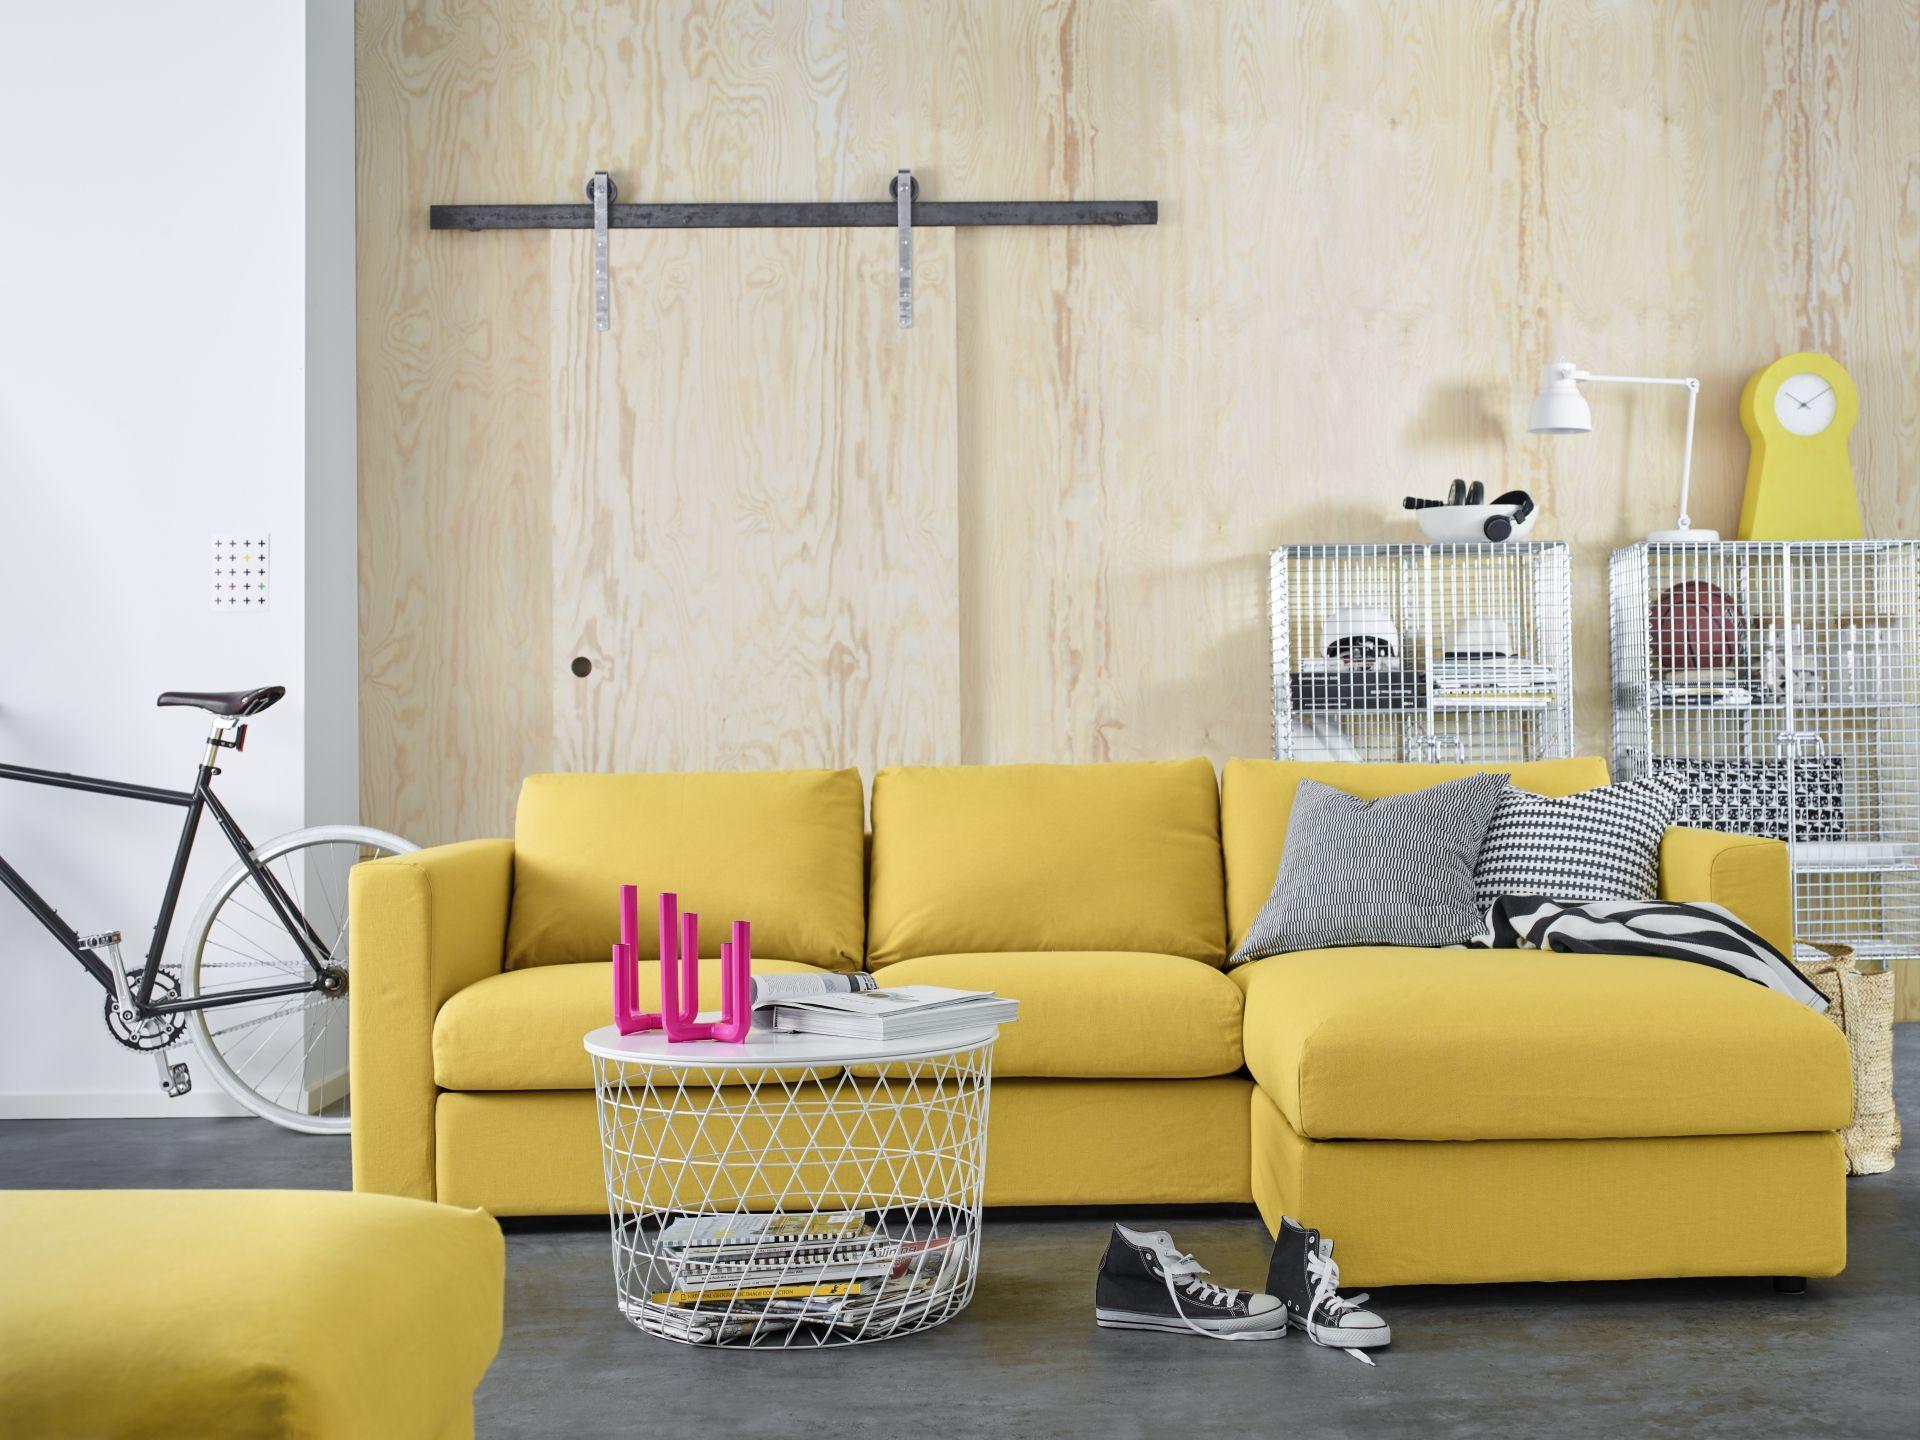 VIMLE 4-zitsbank, met chaise longue, Orrsta goudgeel | Wohnzimmer